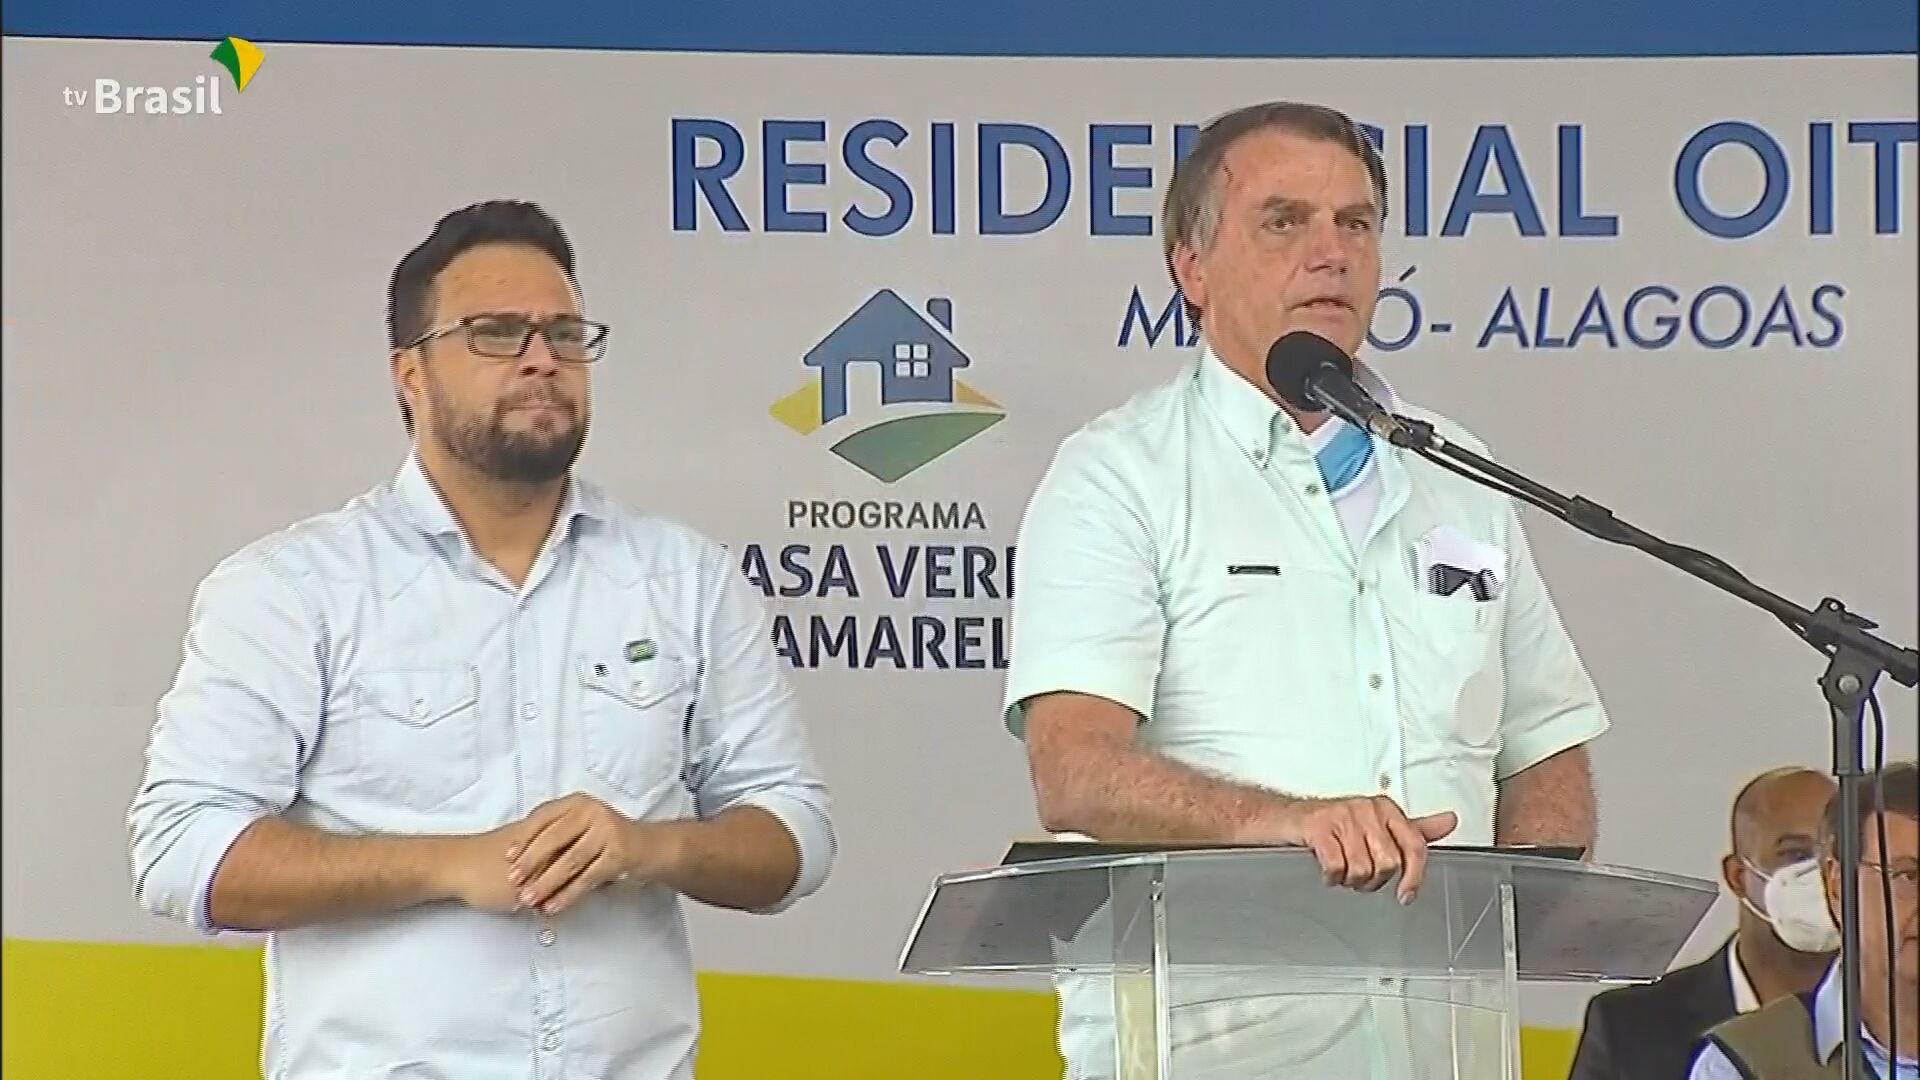 O presidente Jair Bolsonaro participou de entrega de casas em Alagoas